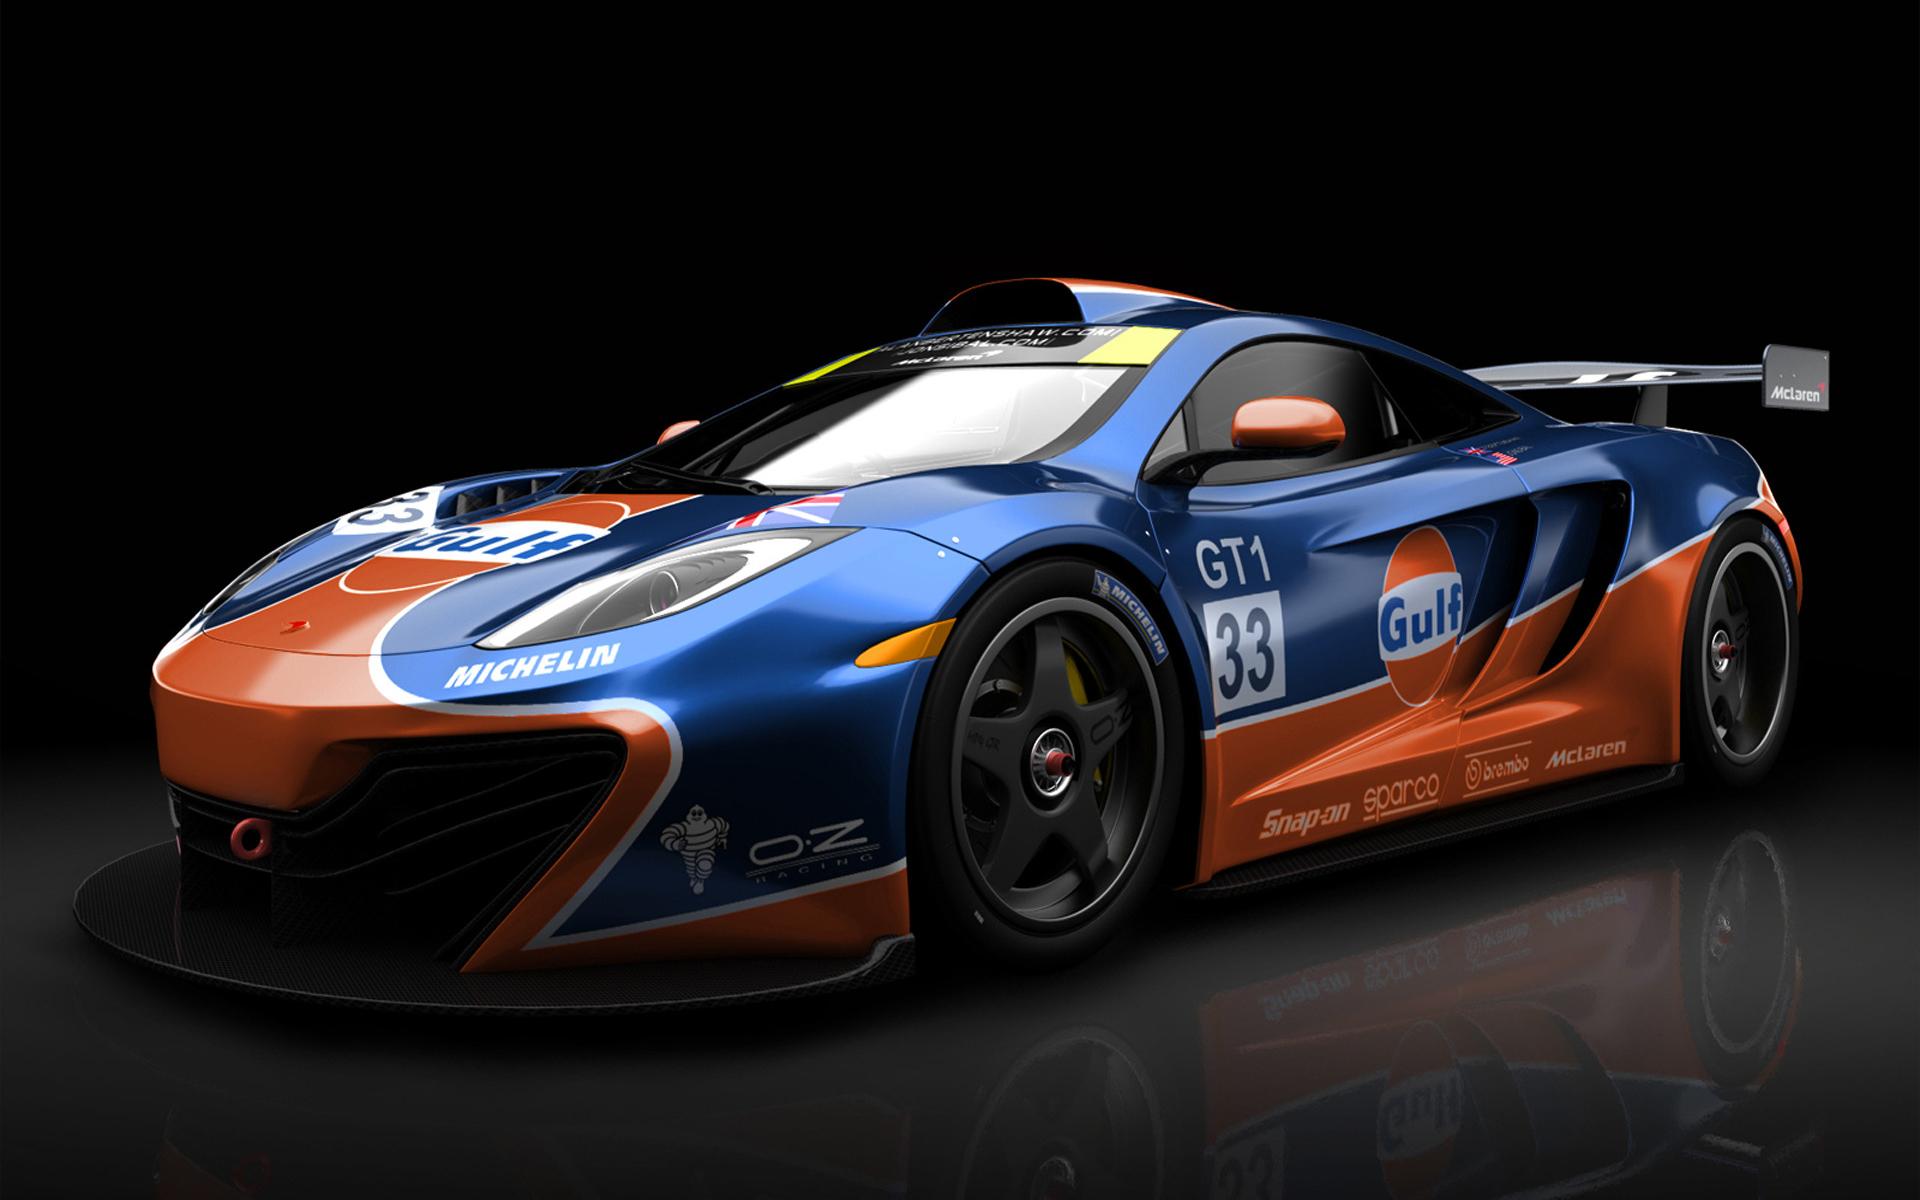 Mclaren-Mp4-12c-Gt1-Sport-Car-Wallpapers